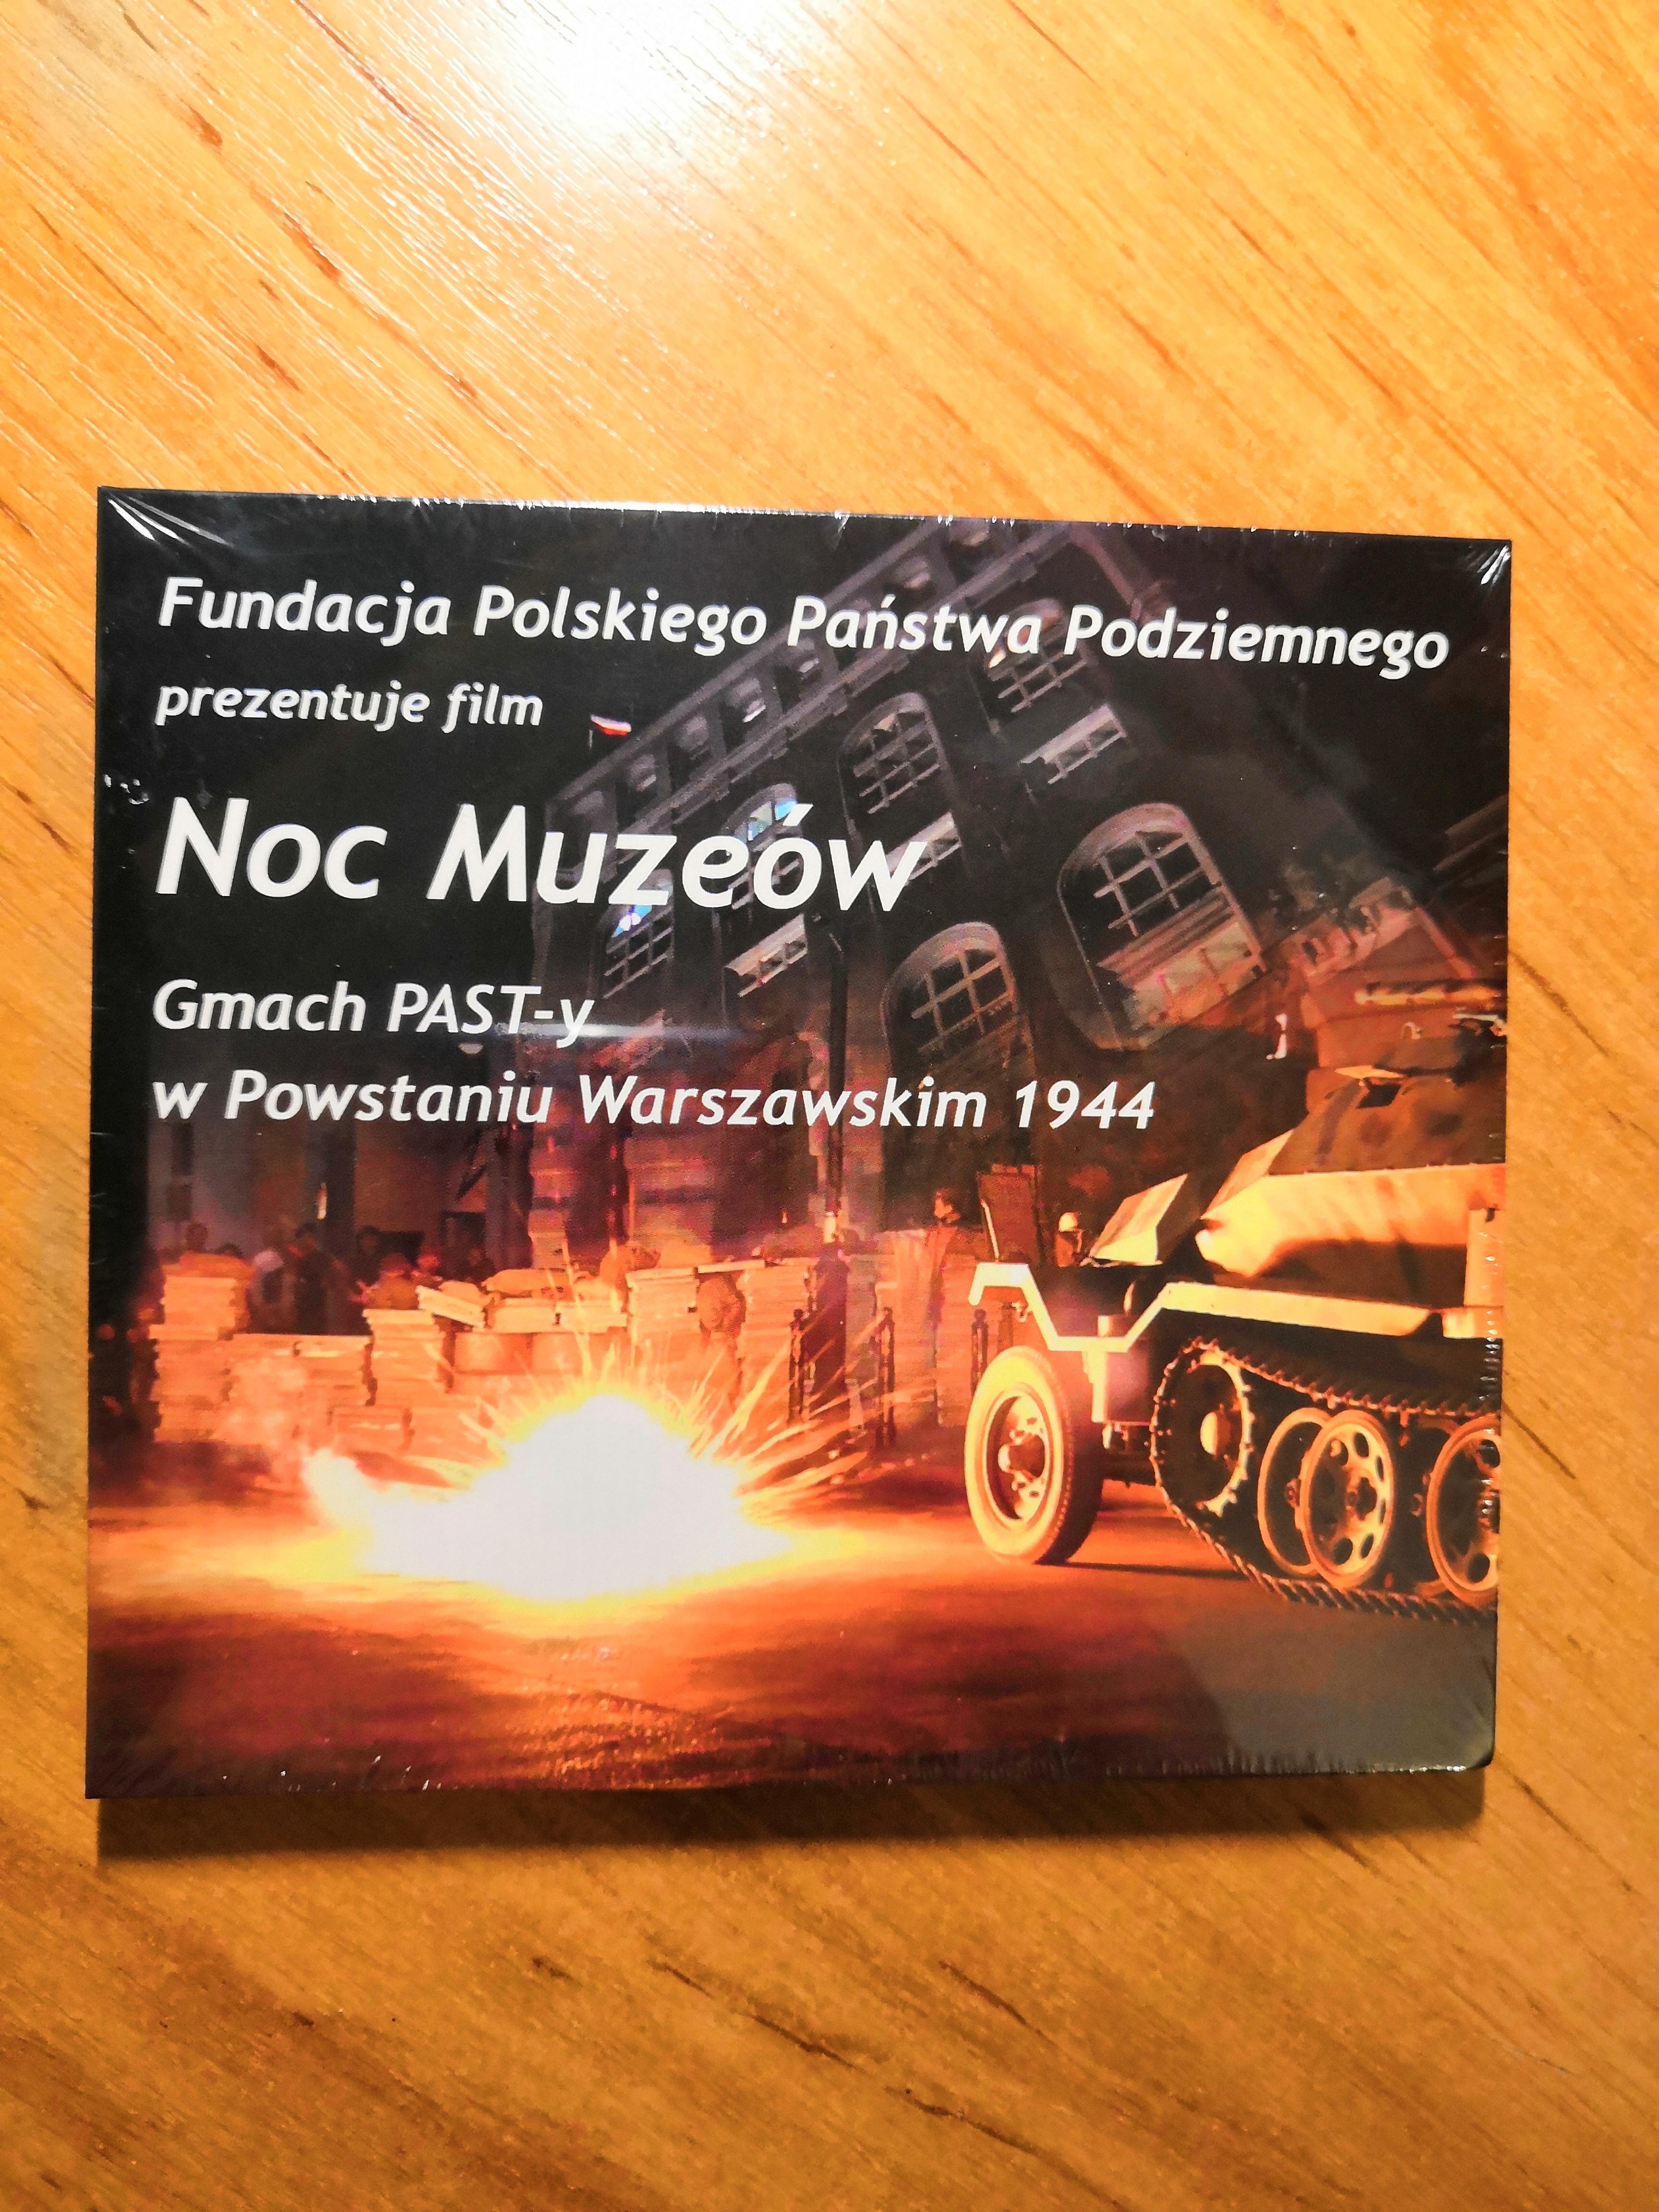 Noc Muzeów Gmach PAST-y w Powstaniu Warszawskim 1944 Rekonstrukcja DVD (M.Wiśnicka)